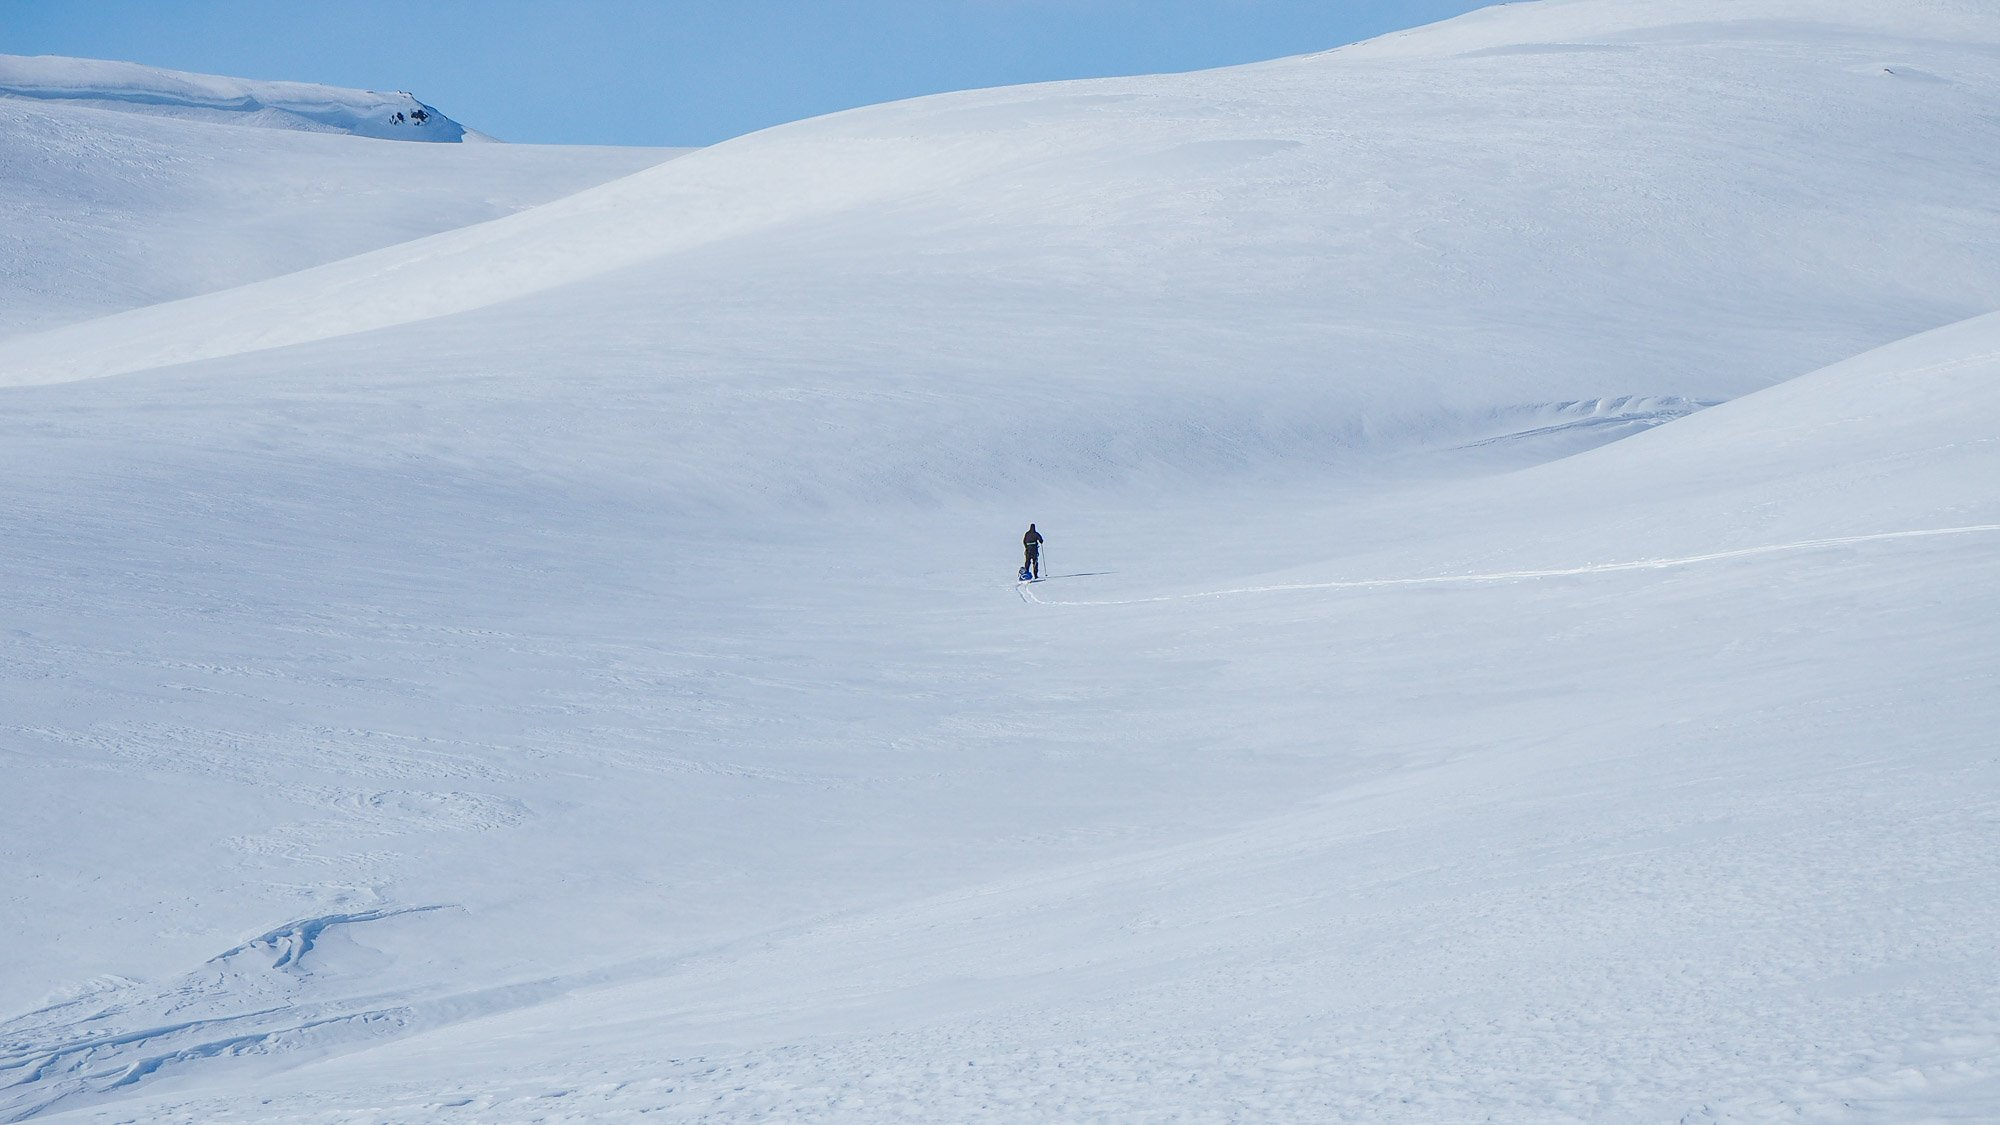 Yksinäinen pieni hahmo hiihtää lumierämaassa.